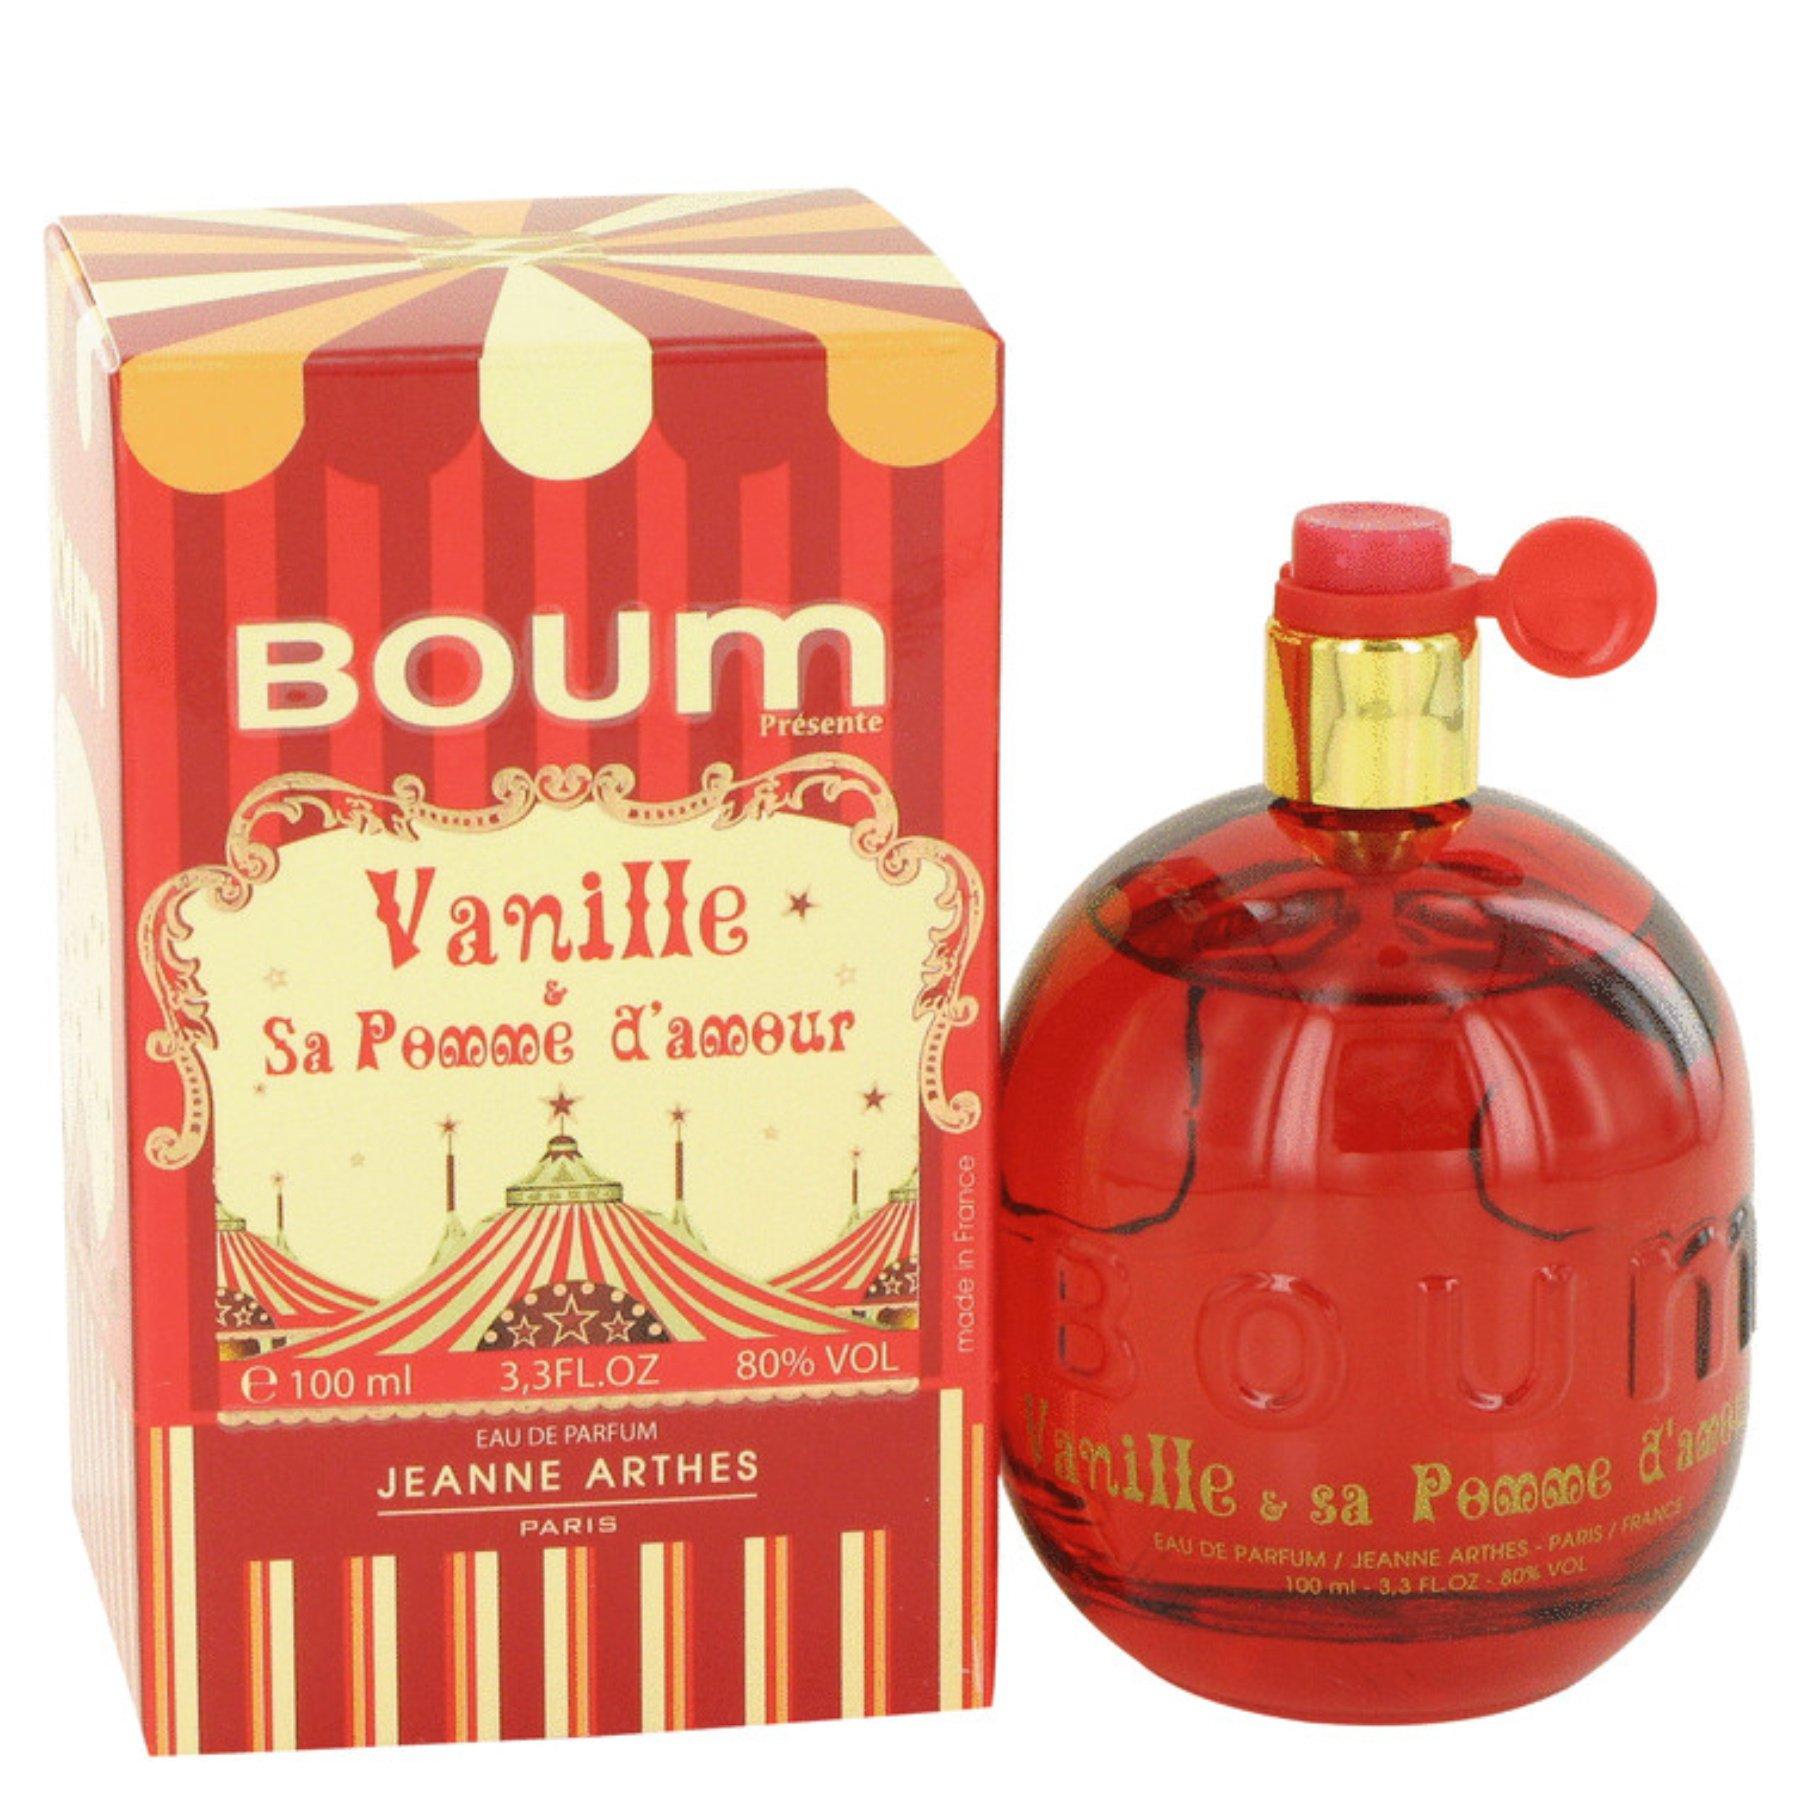 Jeanne Arthes - Boum Vanille Pomme Damour Eau De Parfum Spray - 3.4 oz